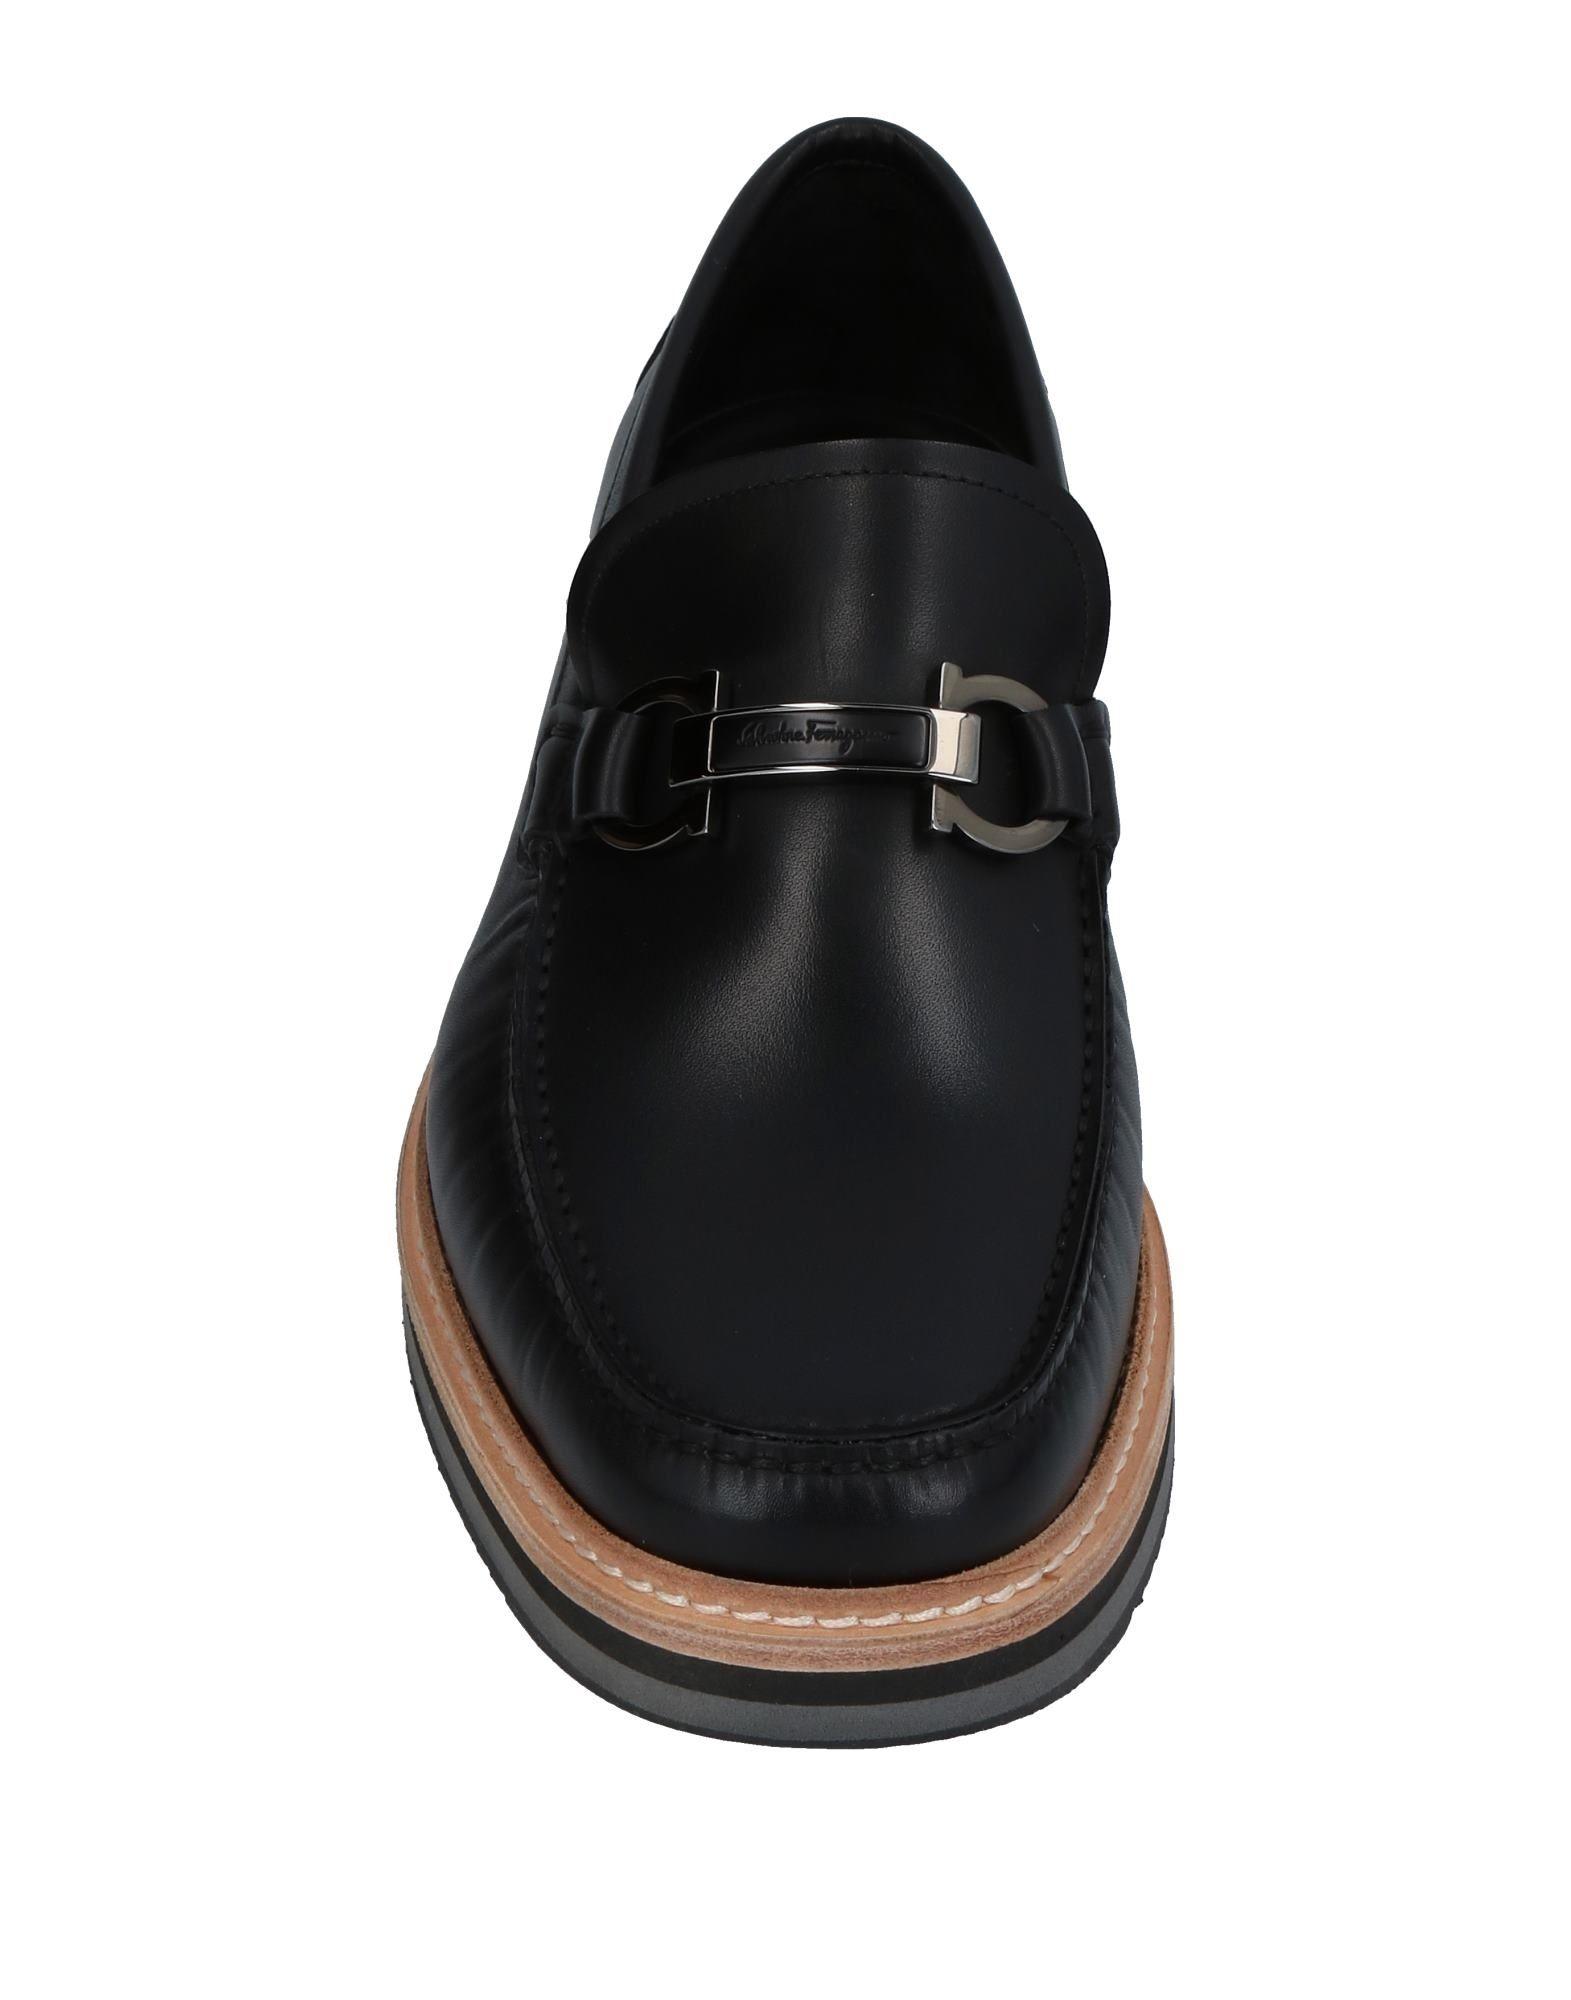 Salvatore Ferragamo Mokassins Herren    11373952AC Neue Schuhe 1dc8a3